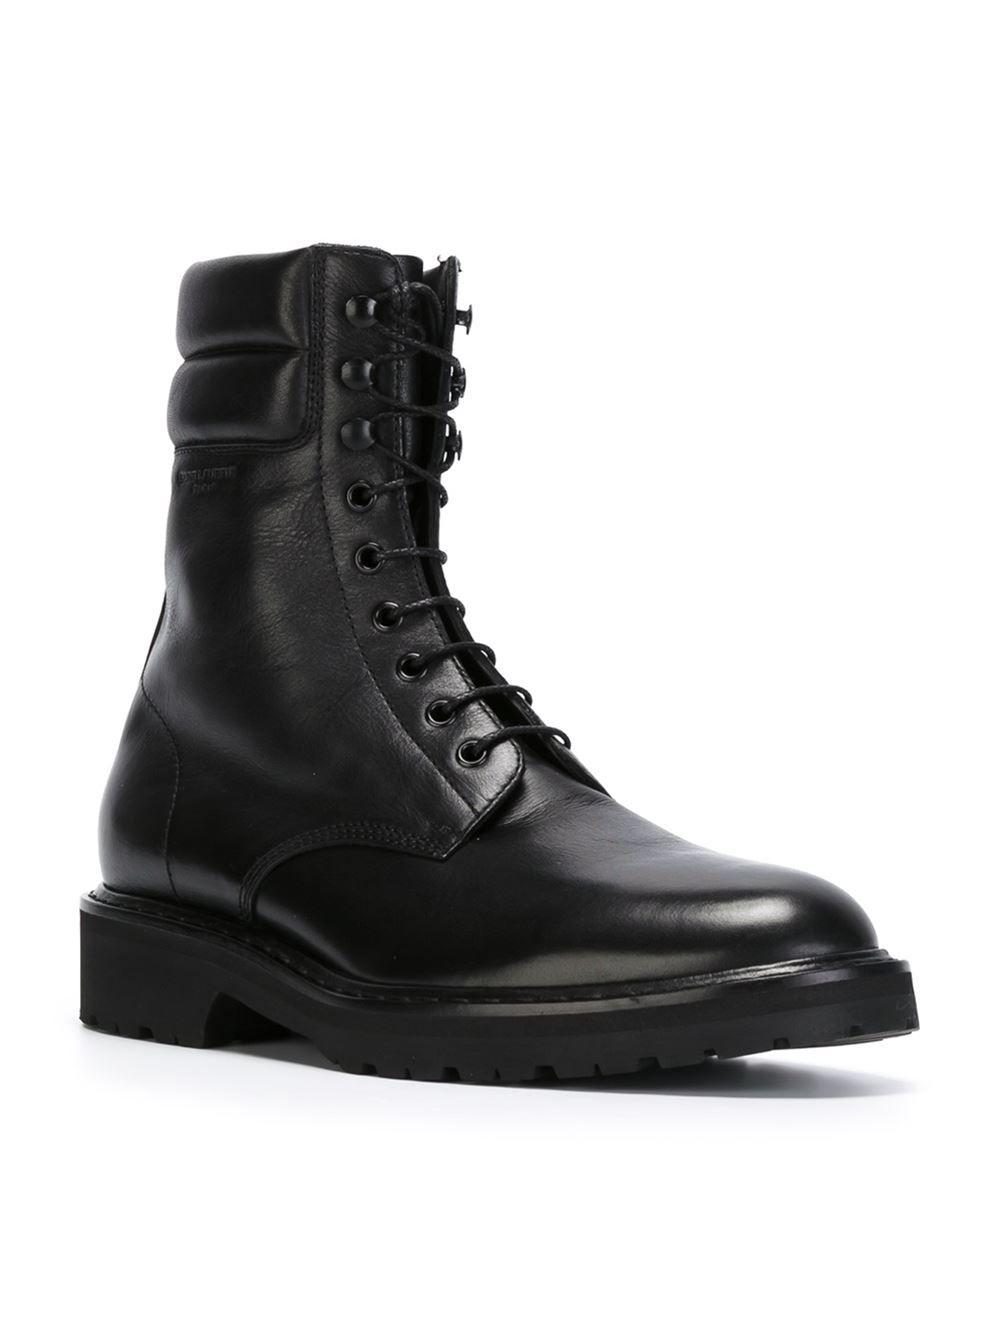 c236862f90b78 Saint Laurent 'Combat' boots | MEN'S STYLE | Mens designer boots ...